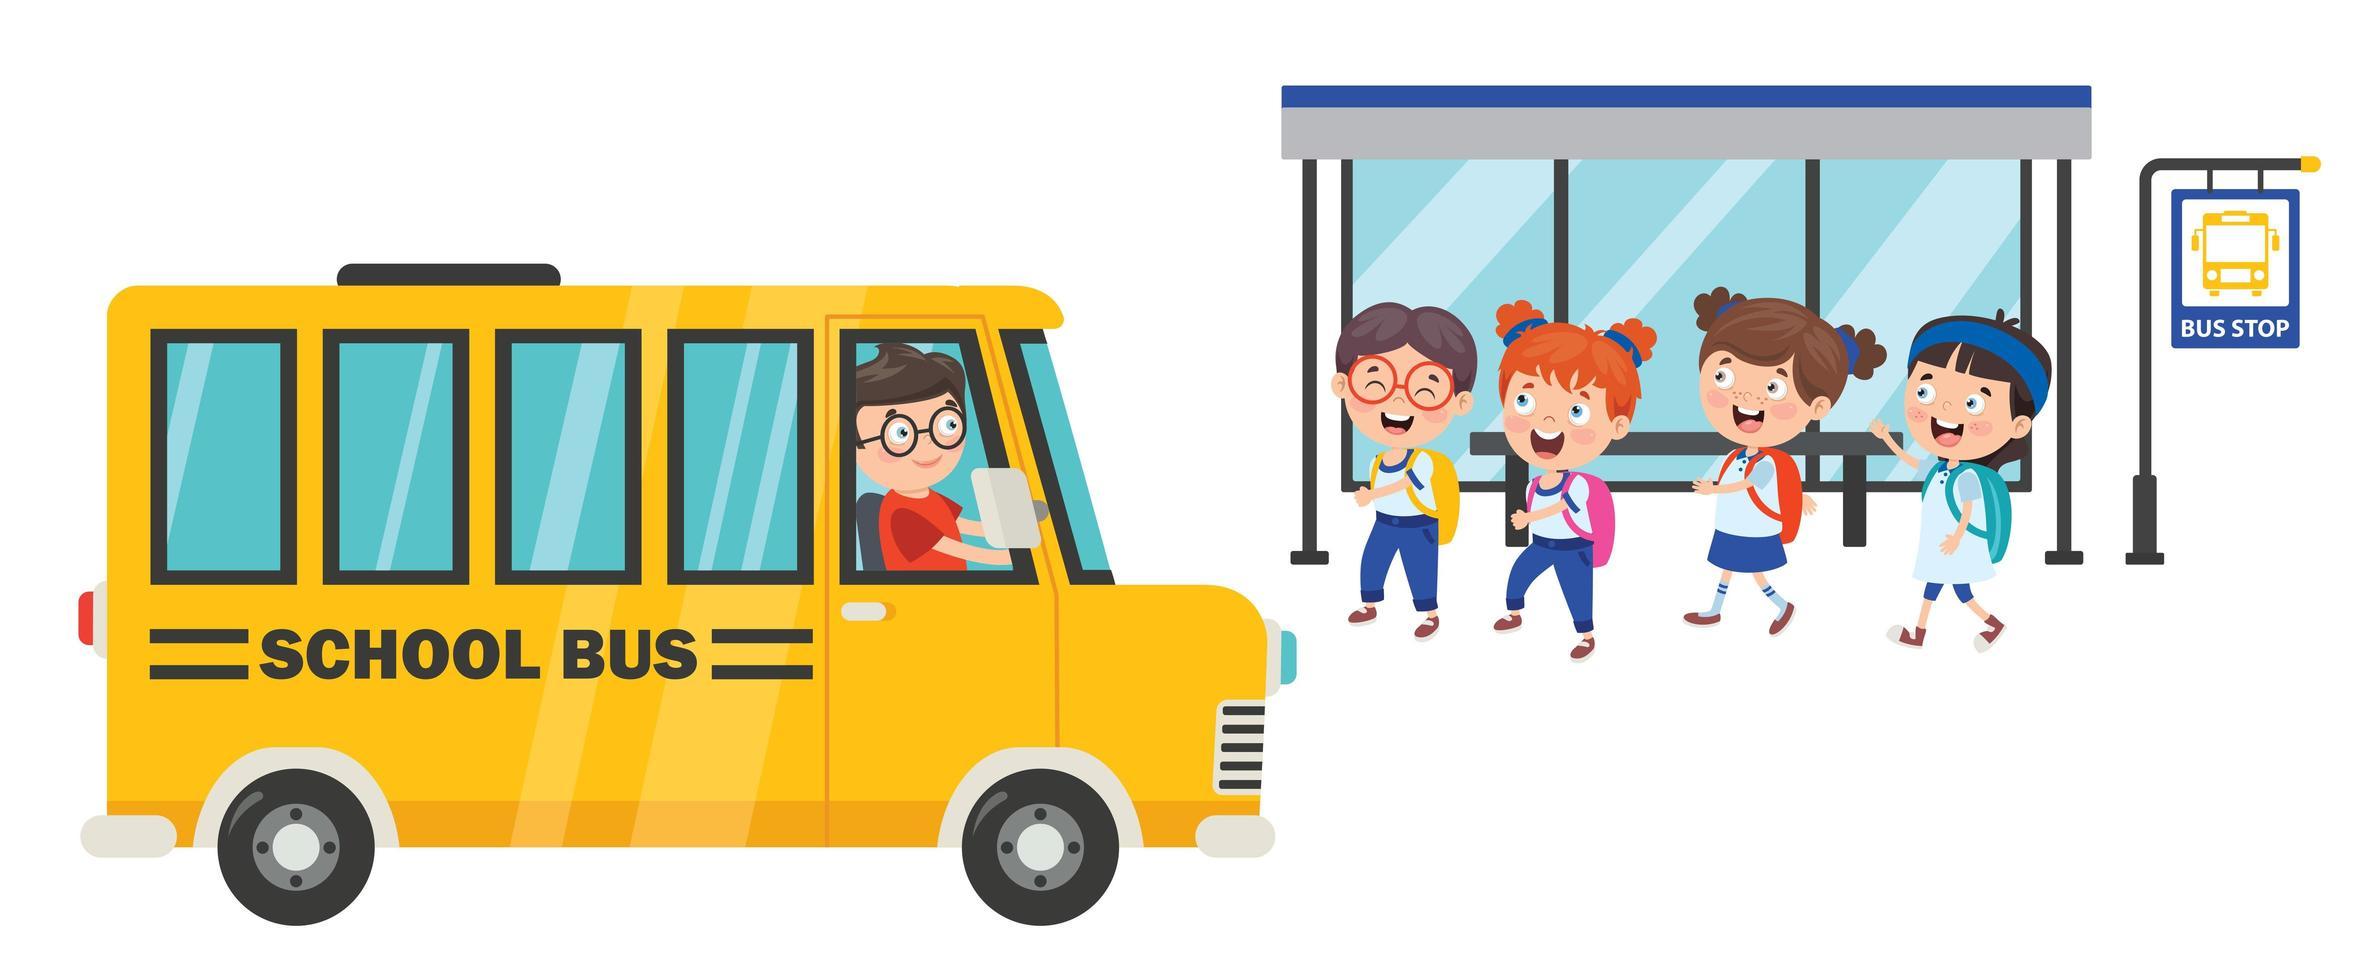 bambini in attesa dello scuolabus vettore